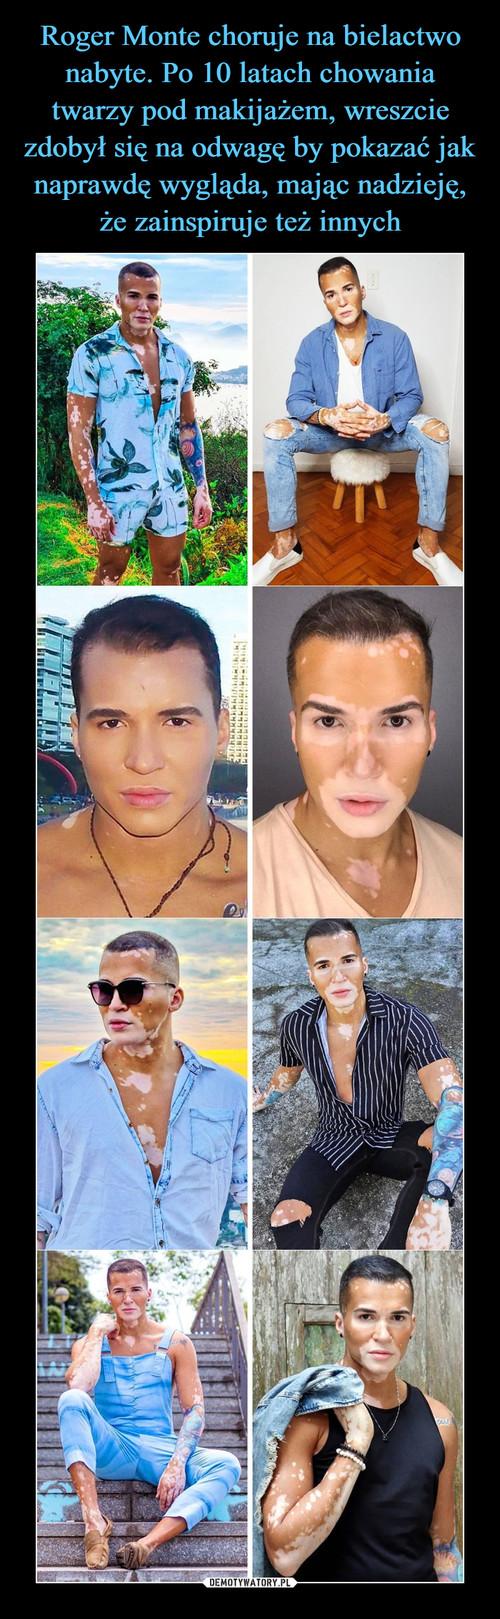 Roger Monte choruje na bielactwo nabyte. Po 10 latach chowania twarzy pod makijażem, wreszcie zdobył się na odwagę by pokazać jak naprawdę wygląda, mając nadzieję, że zainspiruje też innych